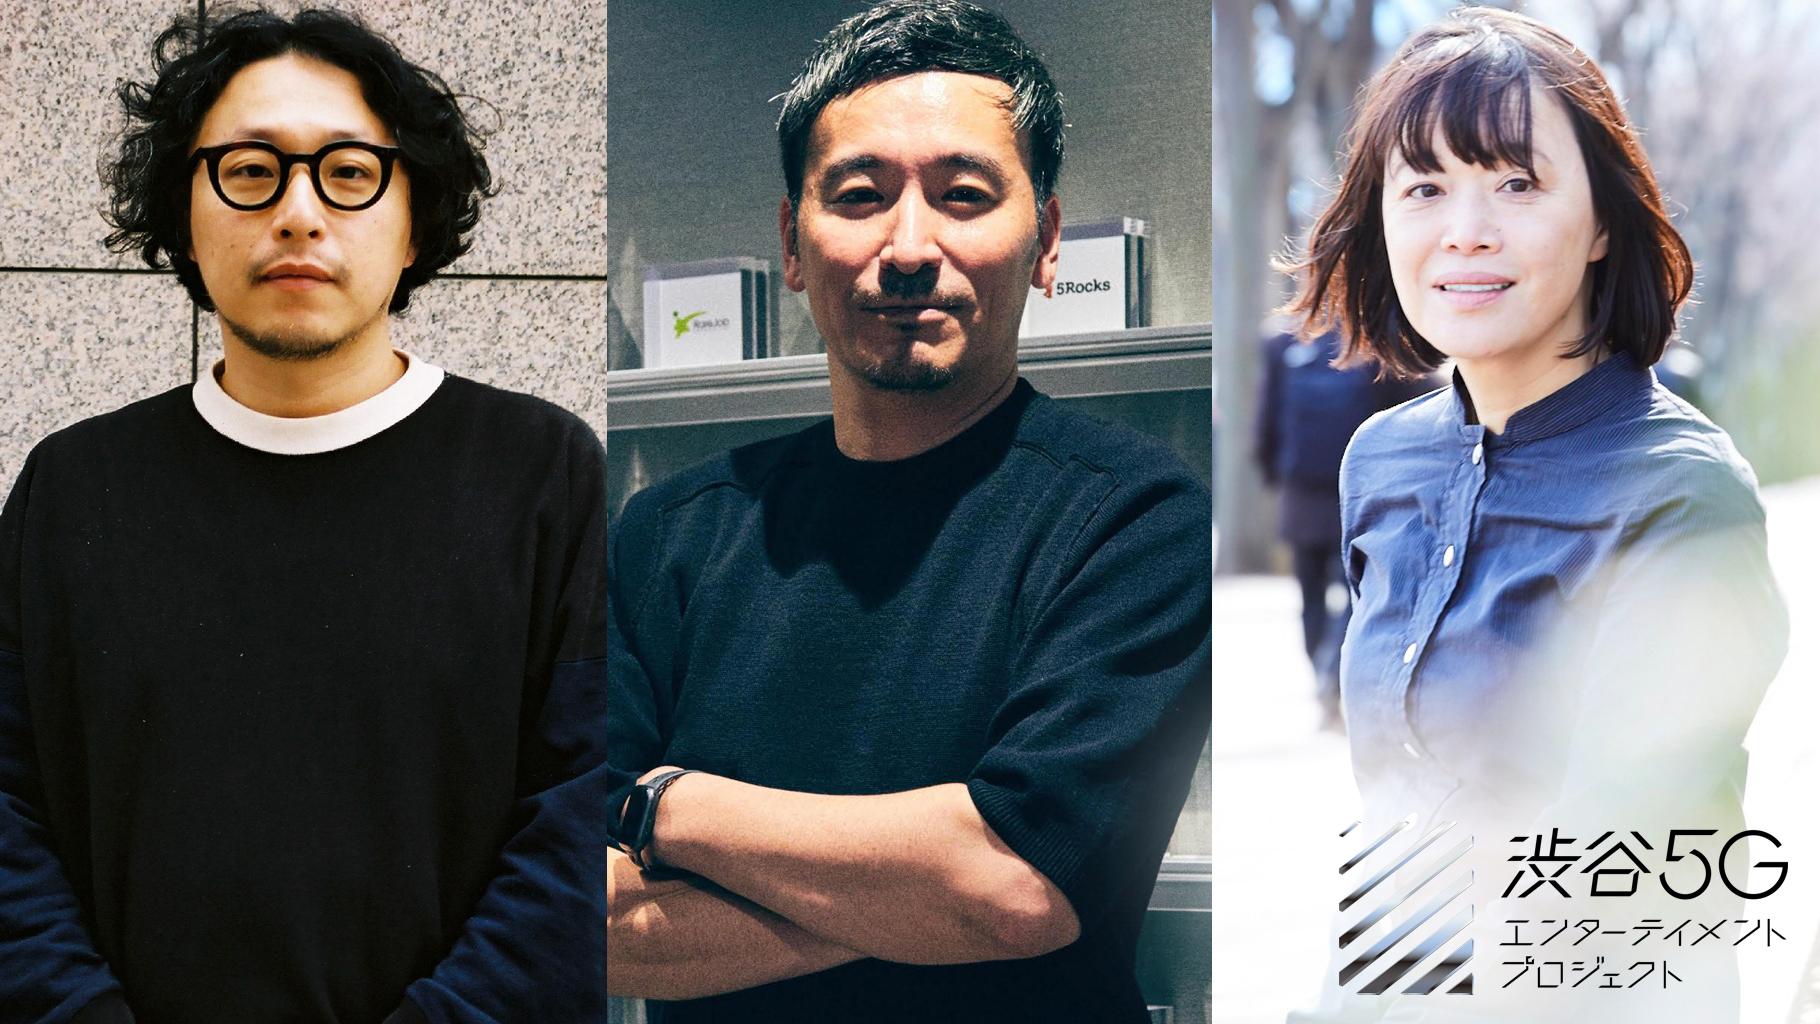 main-10-1-1 11月10日(火) SIWコンテンツを「バーチャル渋谷」でみんなで見よう!